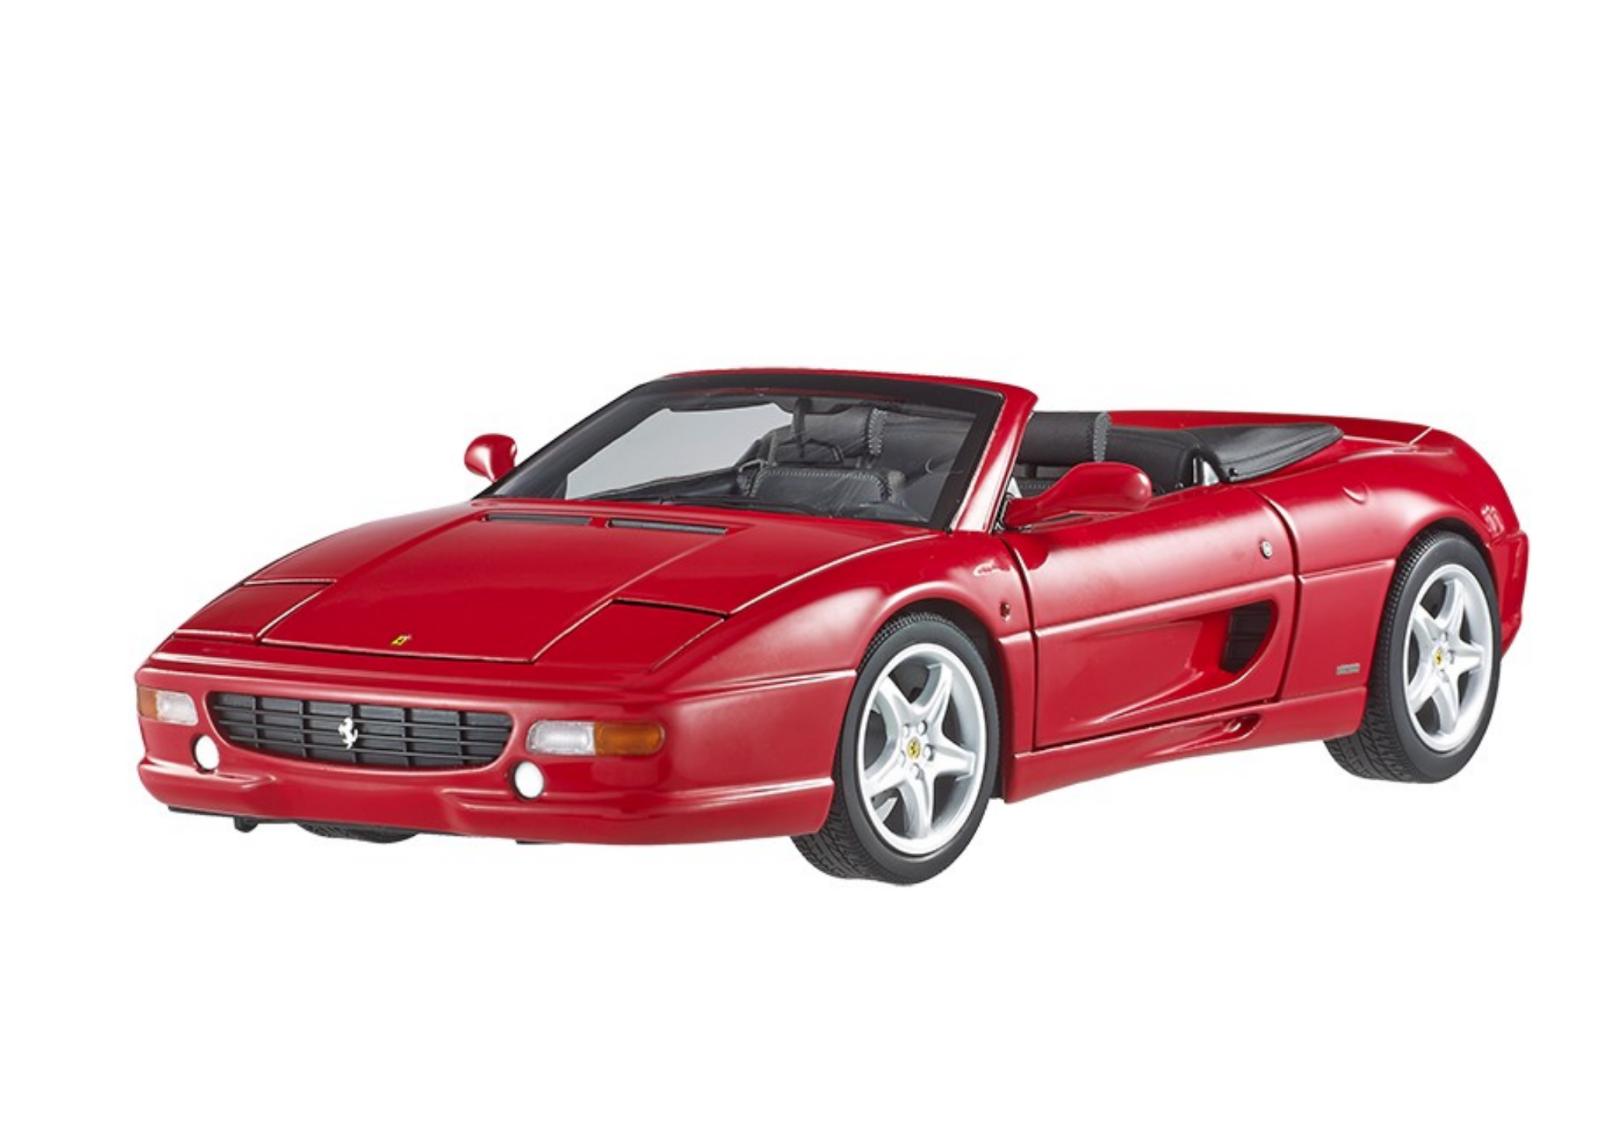 1 18 Ferrari F355 Spider 1994 1 18 • HOTWHEELS BLY34